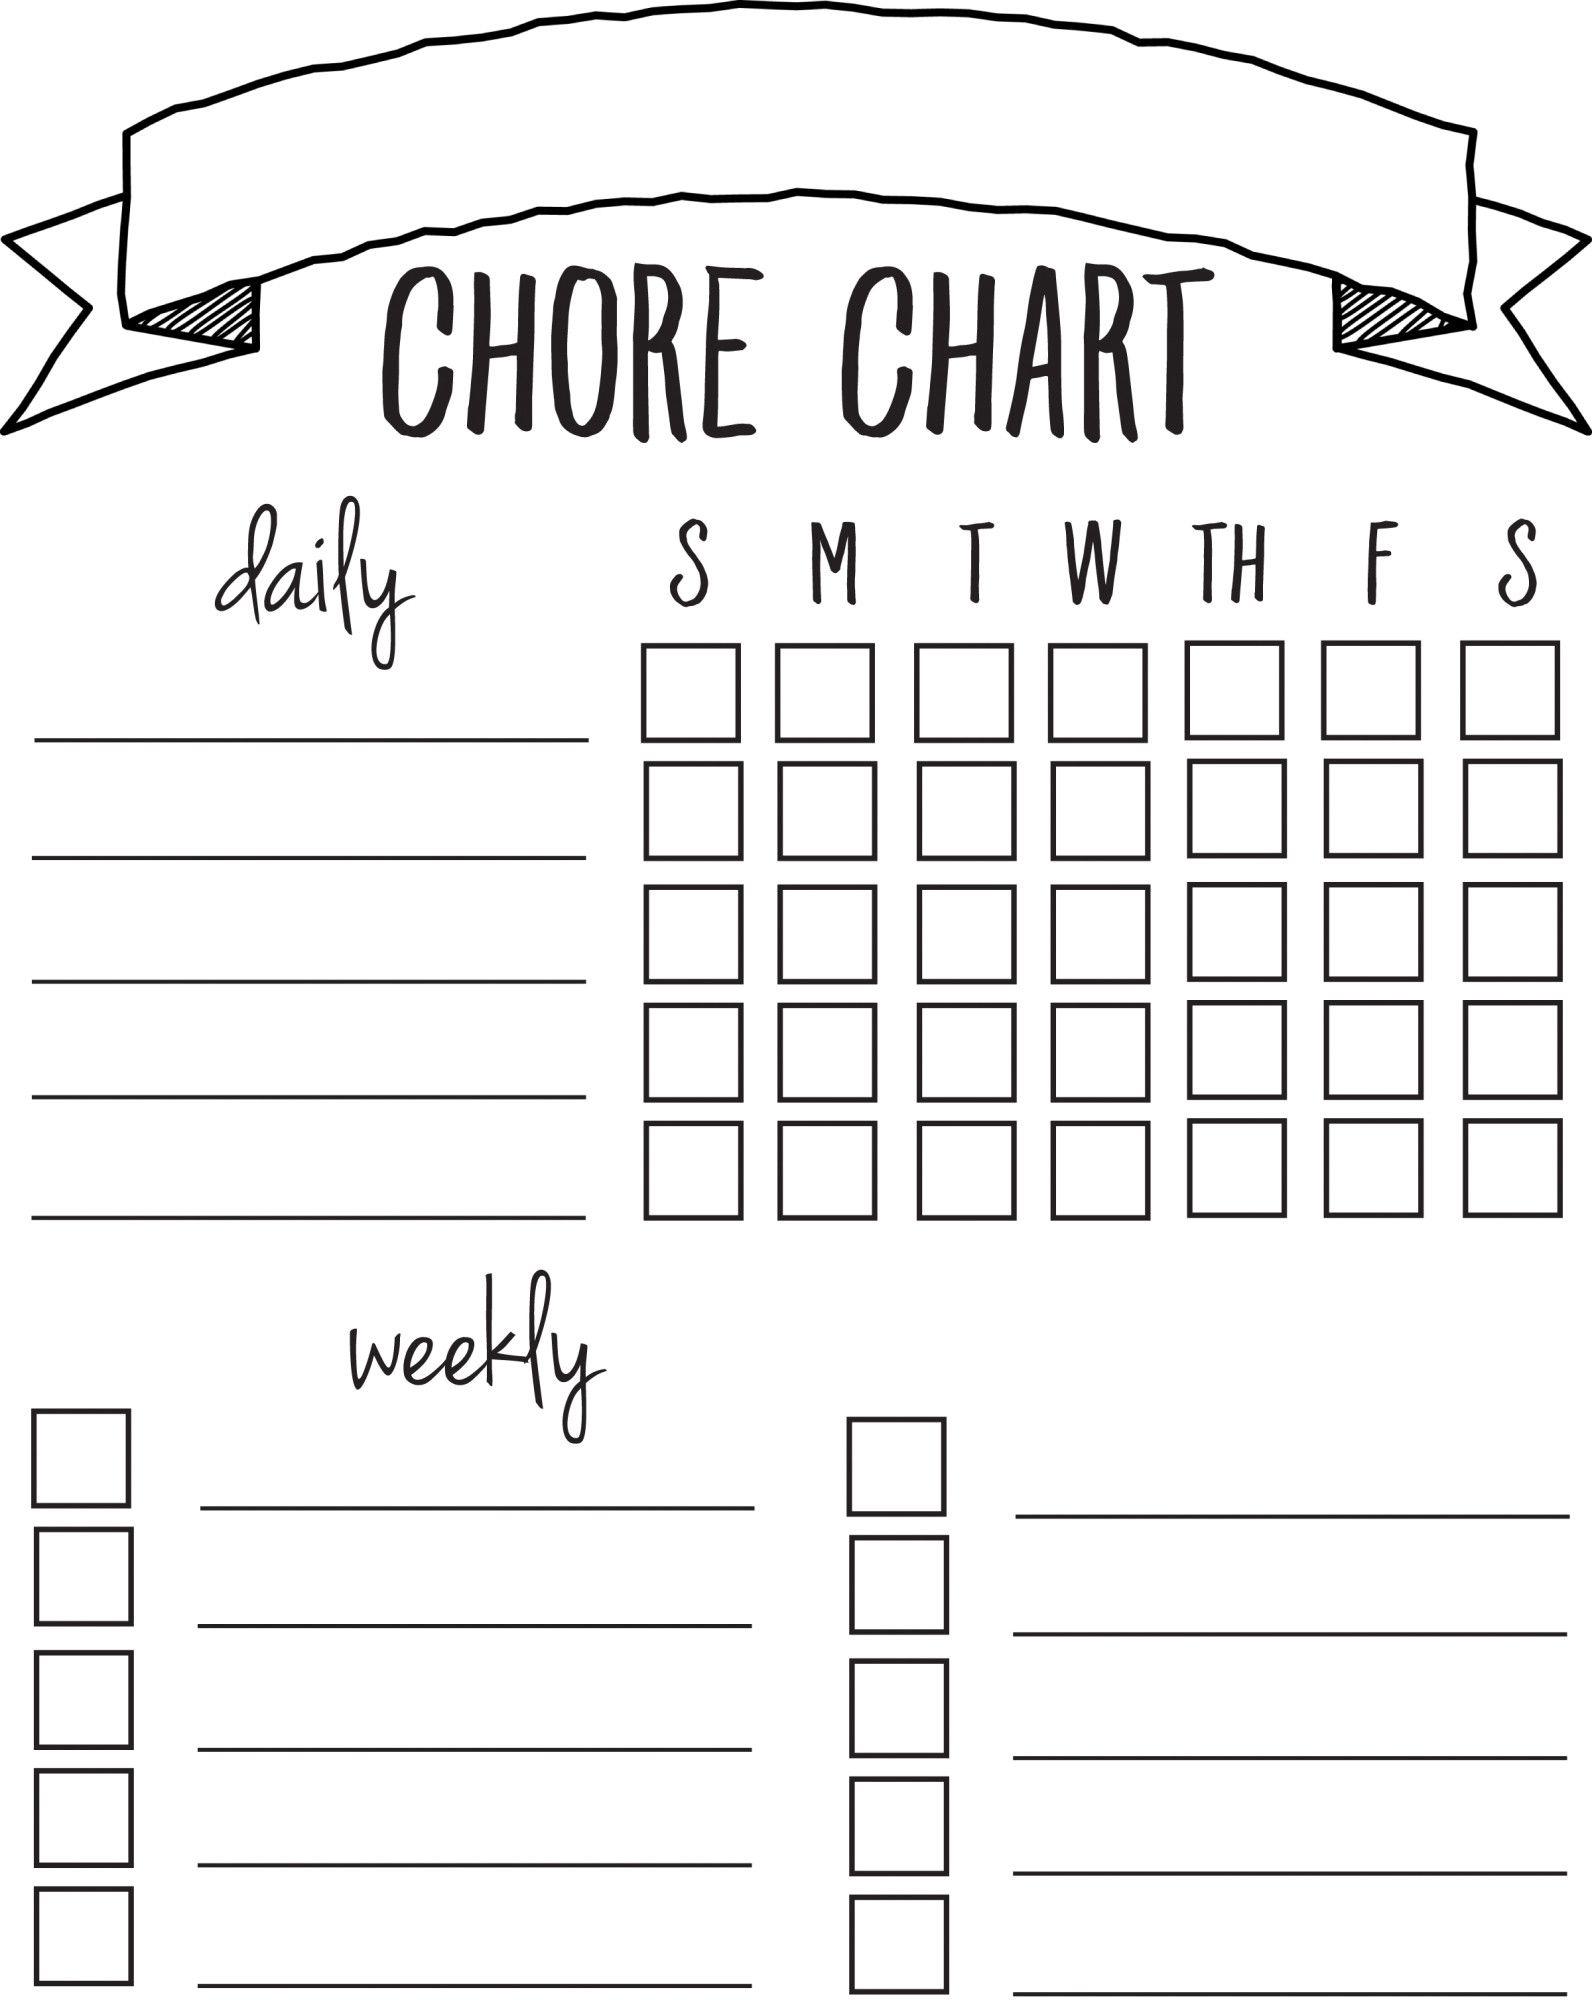 Diy Printable Chore Chart | Free Printables Nov/feb | Pinterest - Free Printable Chore Chart Templates